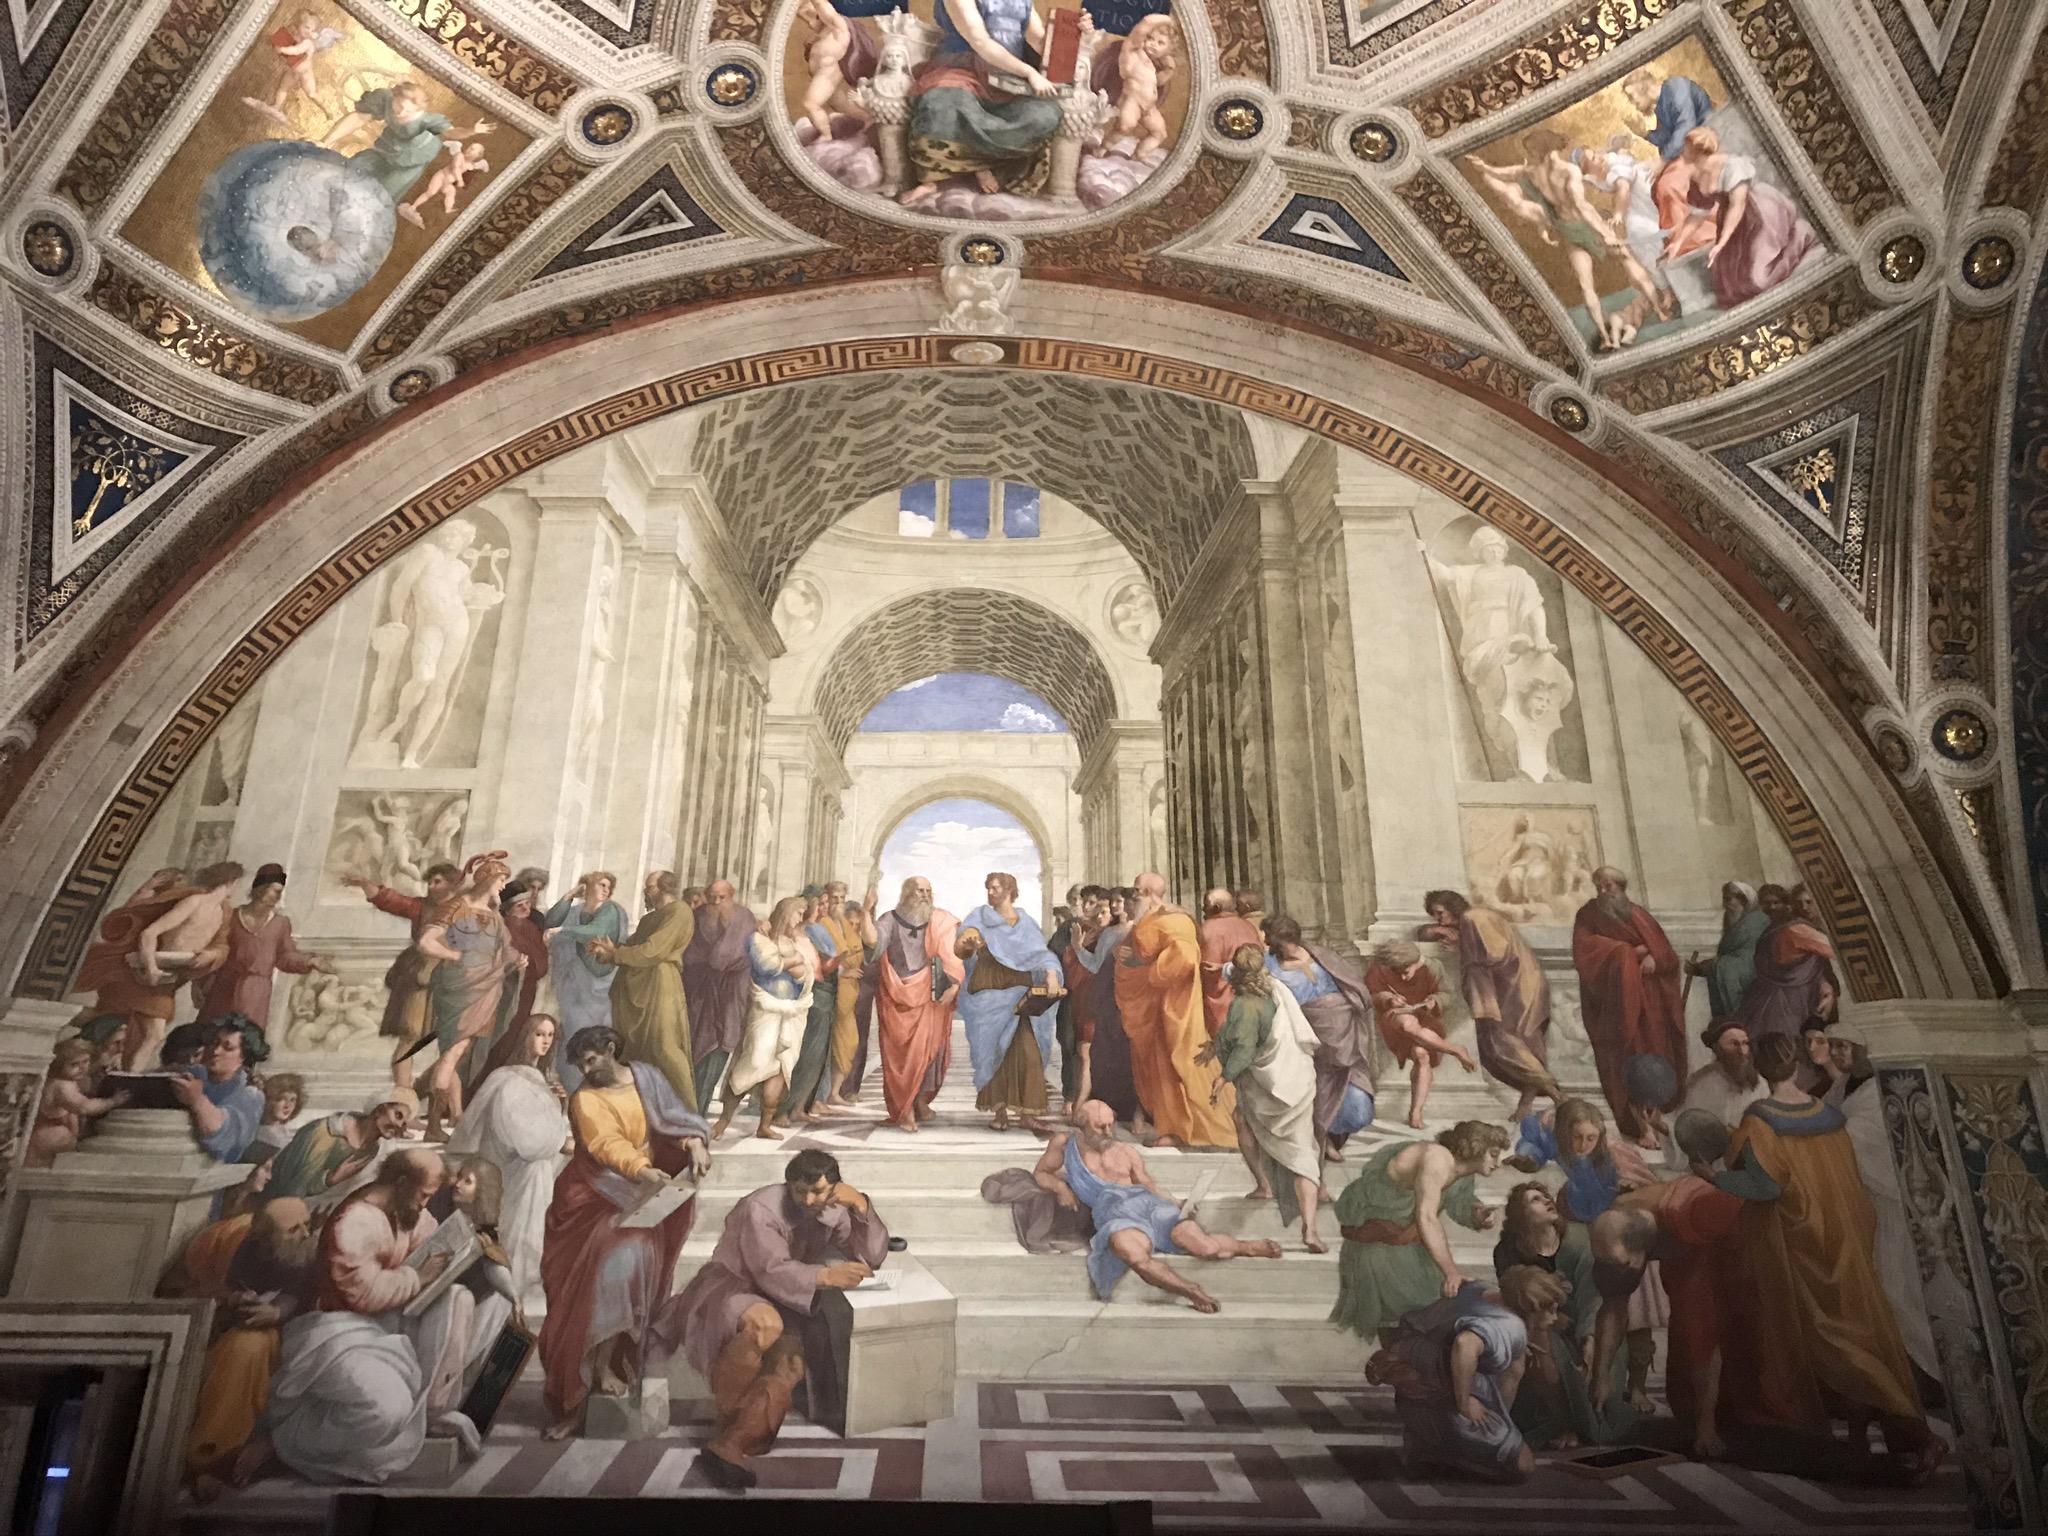 I Musei Vaticani - Art Club - Associazione culturale - Visite guidate a Roma Esperienze d'Arte - Gennaio 2021 - Scuola di Atene